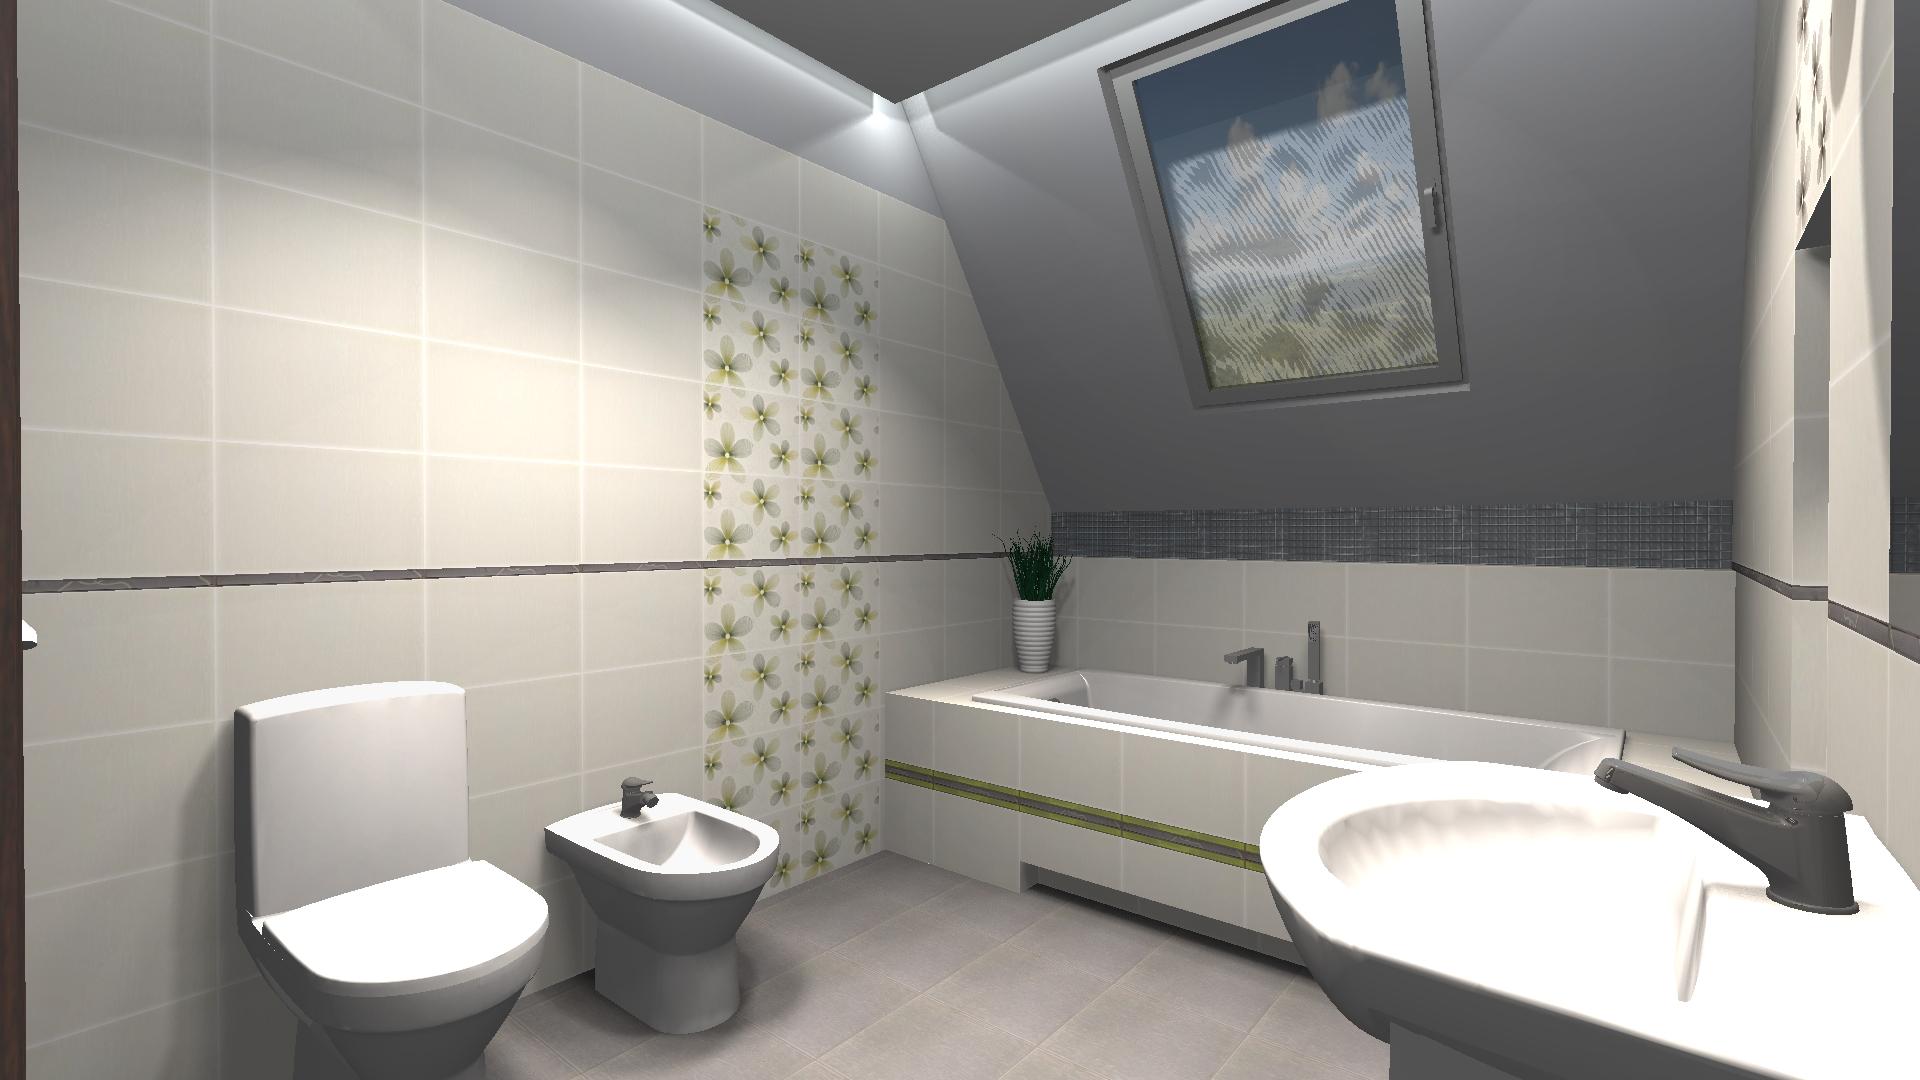 Łazienka spokojna dla seniora  od inspiracji do realizacji